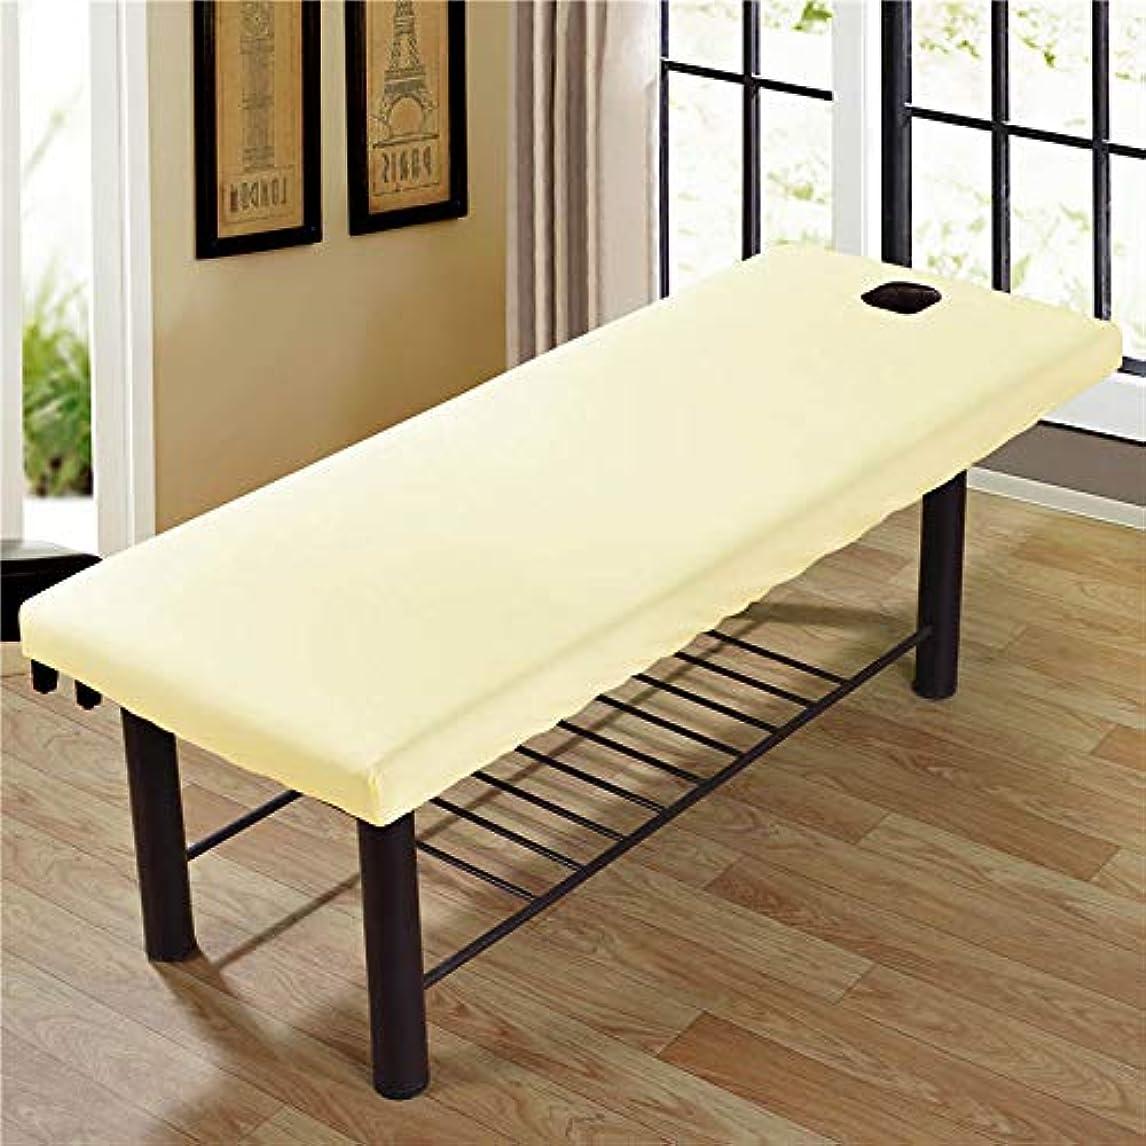 丘モンクスラム街JanusSaja 美容院のマッサージ療法のベッドのための柔らかいSoliod色の長方形のマットレス